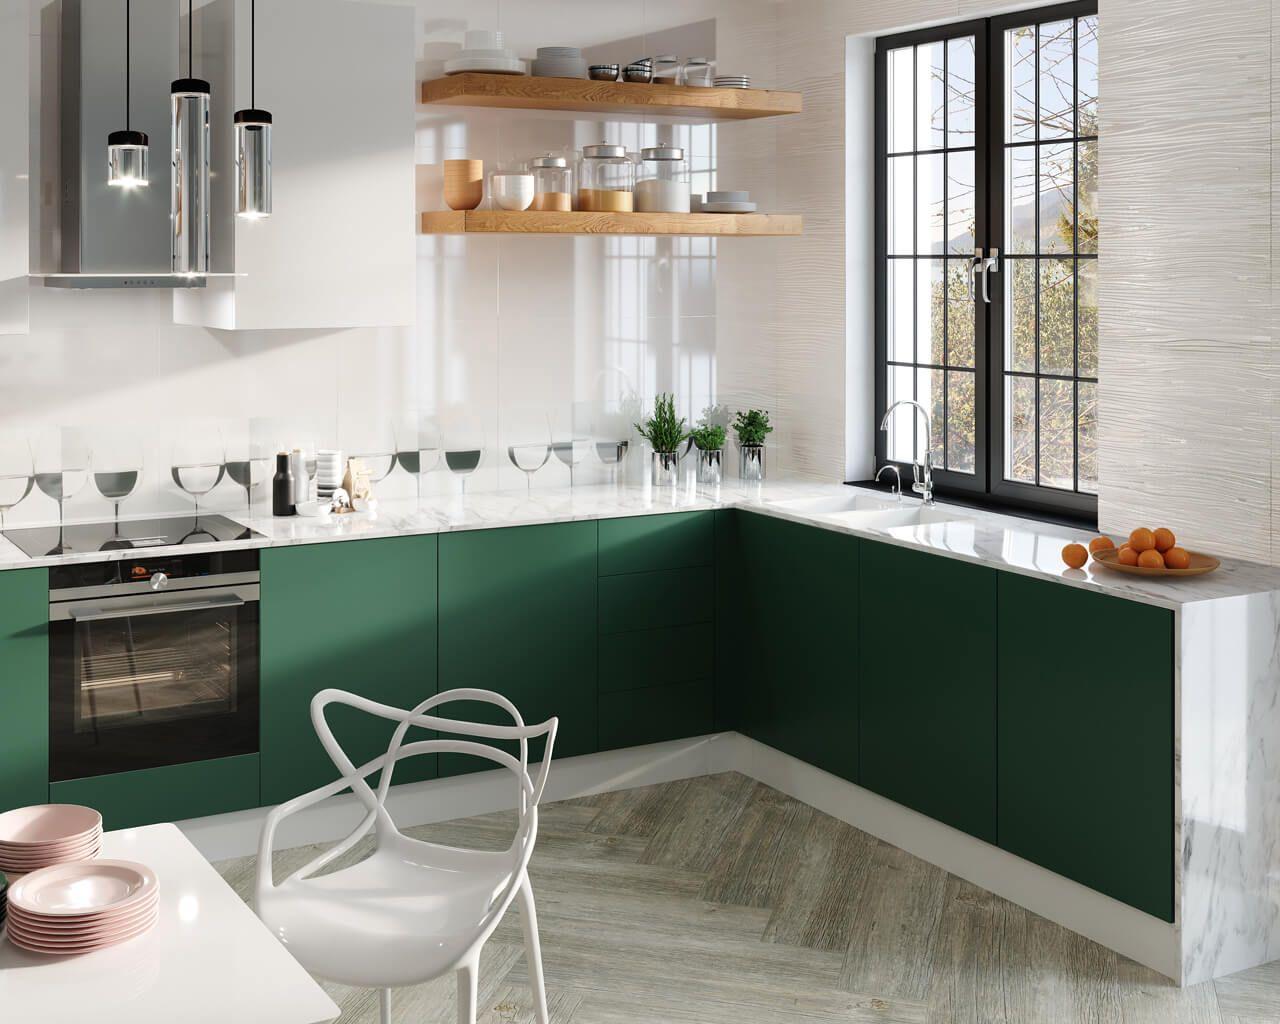 Biało Zielona Kuchnia Pełna życia Ceramika Paradyż